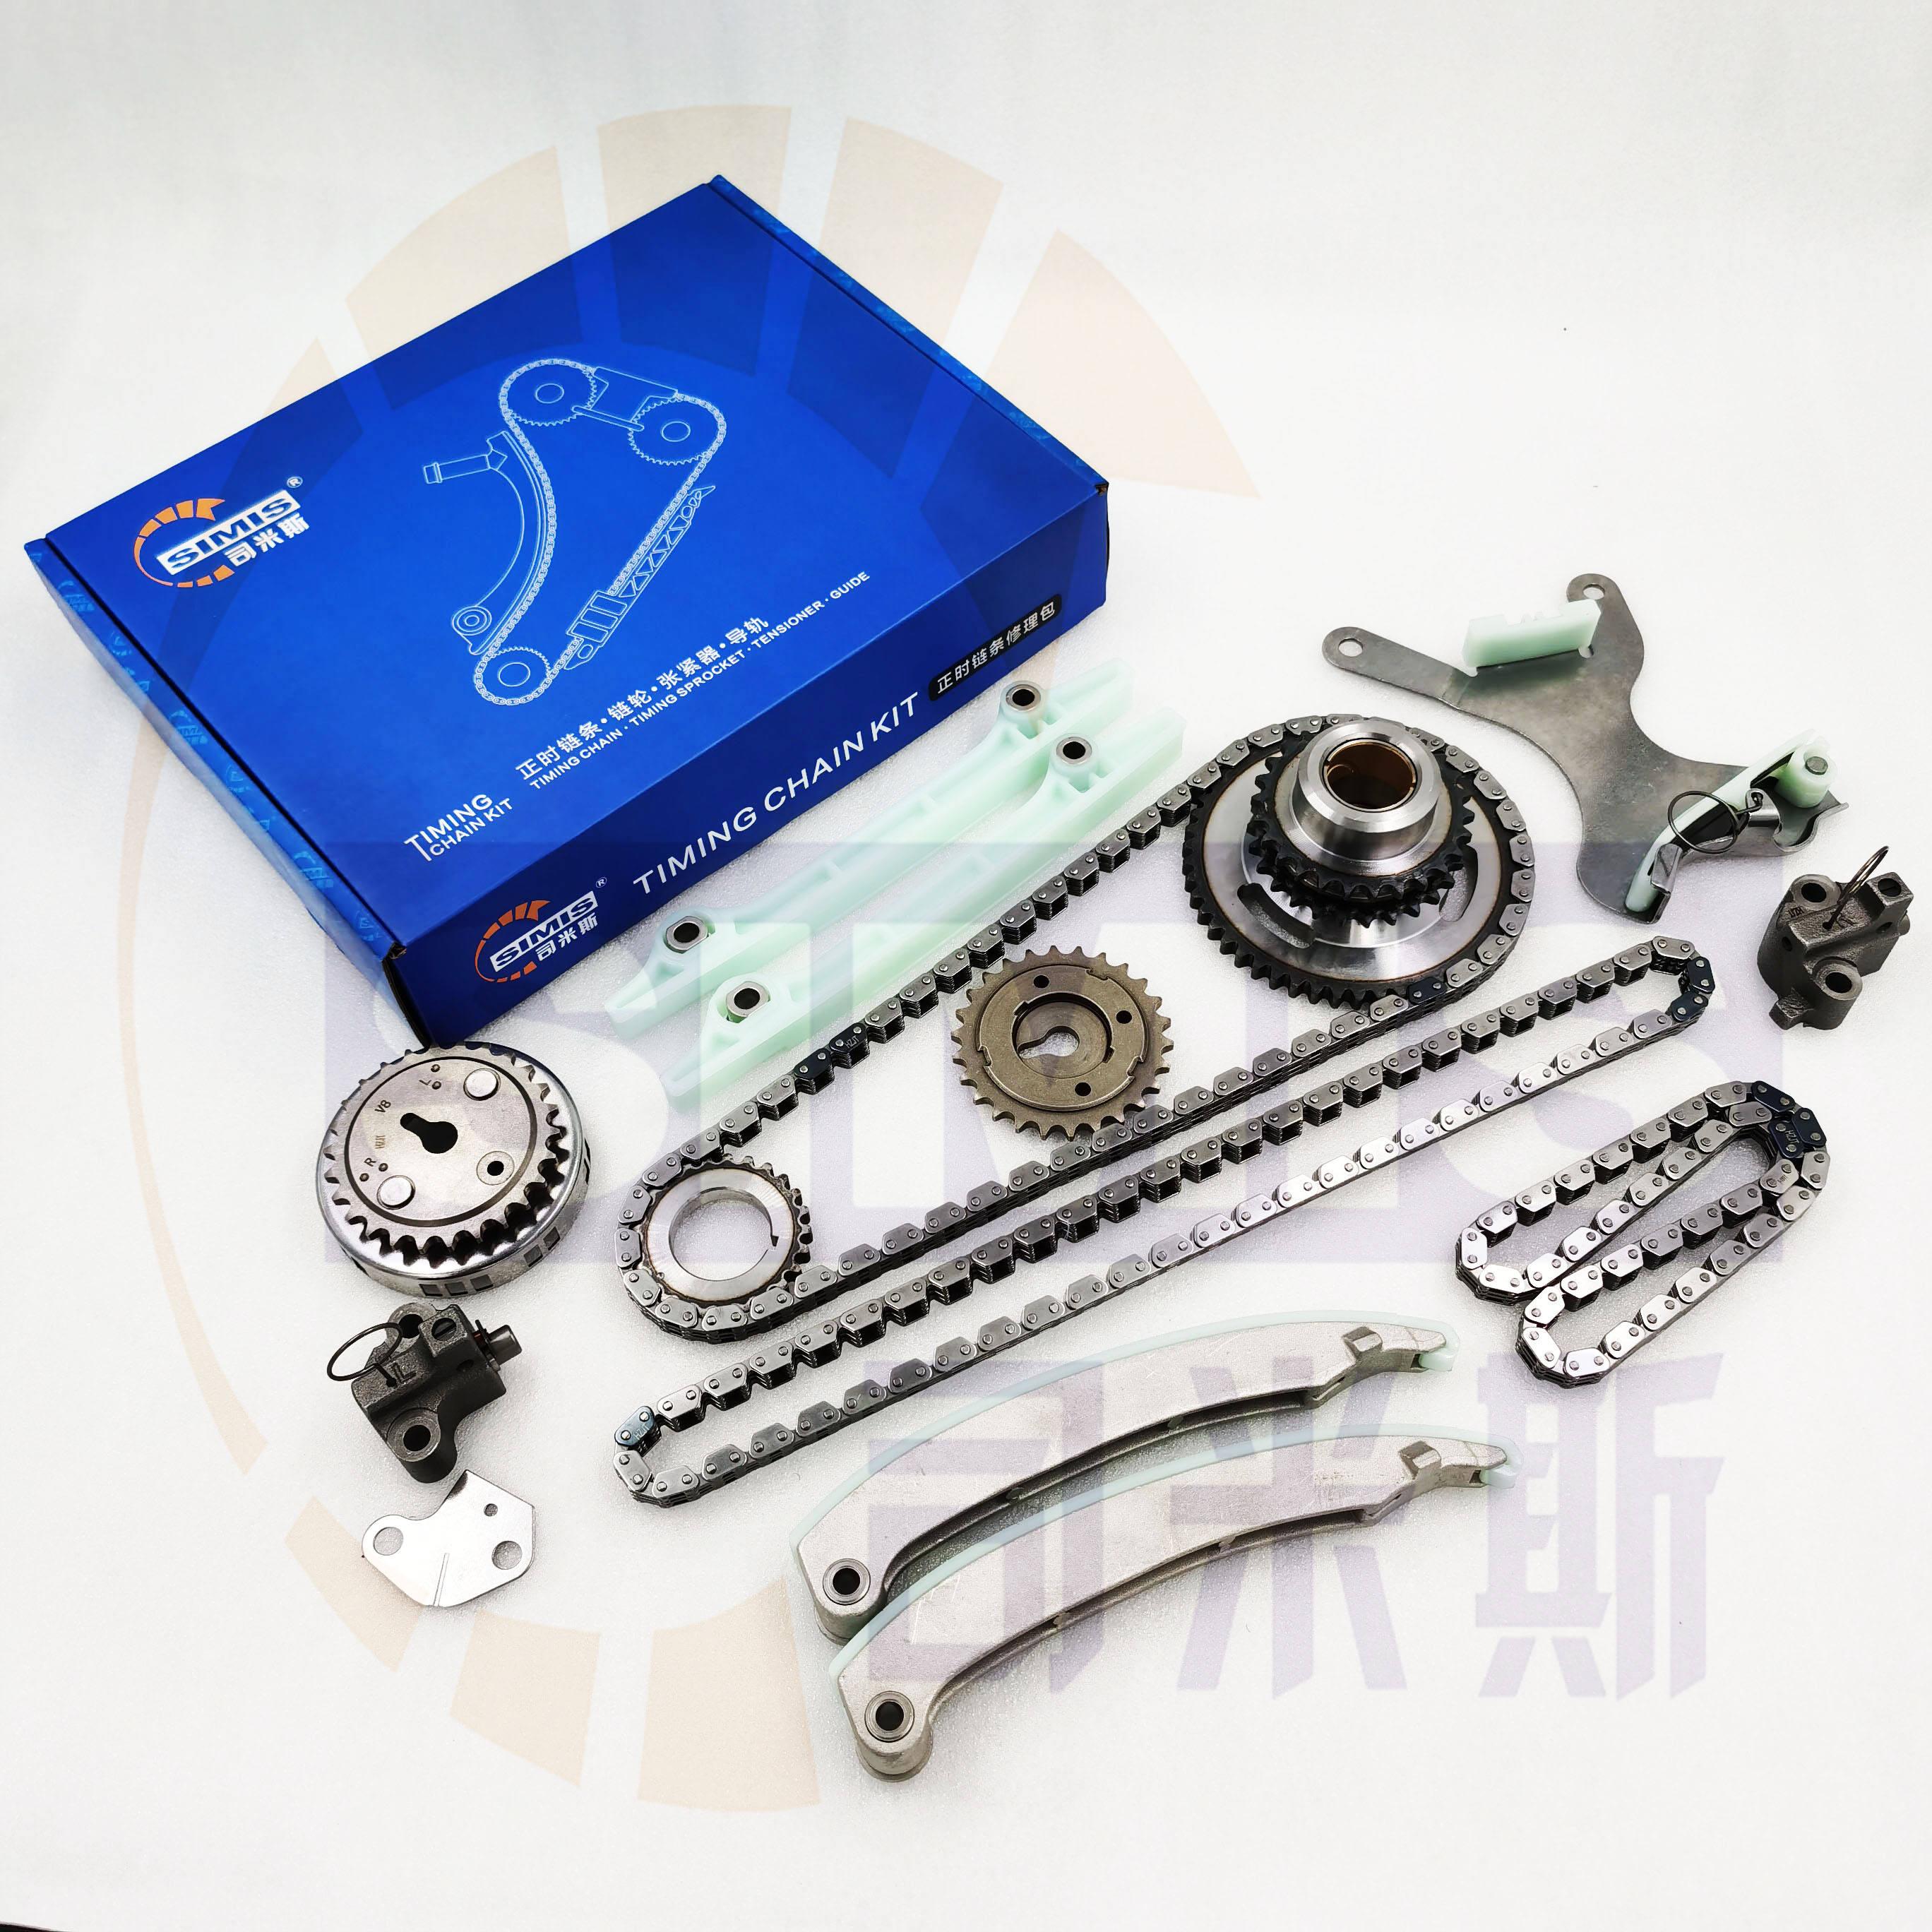 09-10 Dodge Avenger Chrysler Sebring 2.7L Timing Chain Kit+Tensioner+Cover VIN D